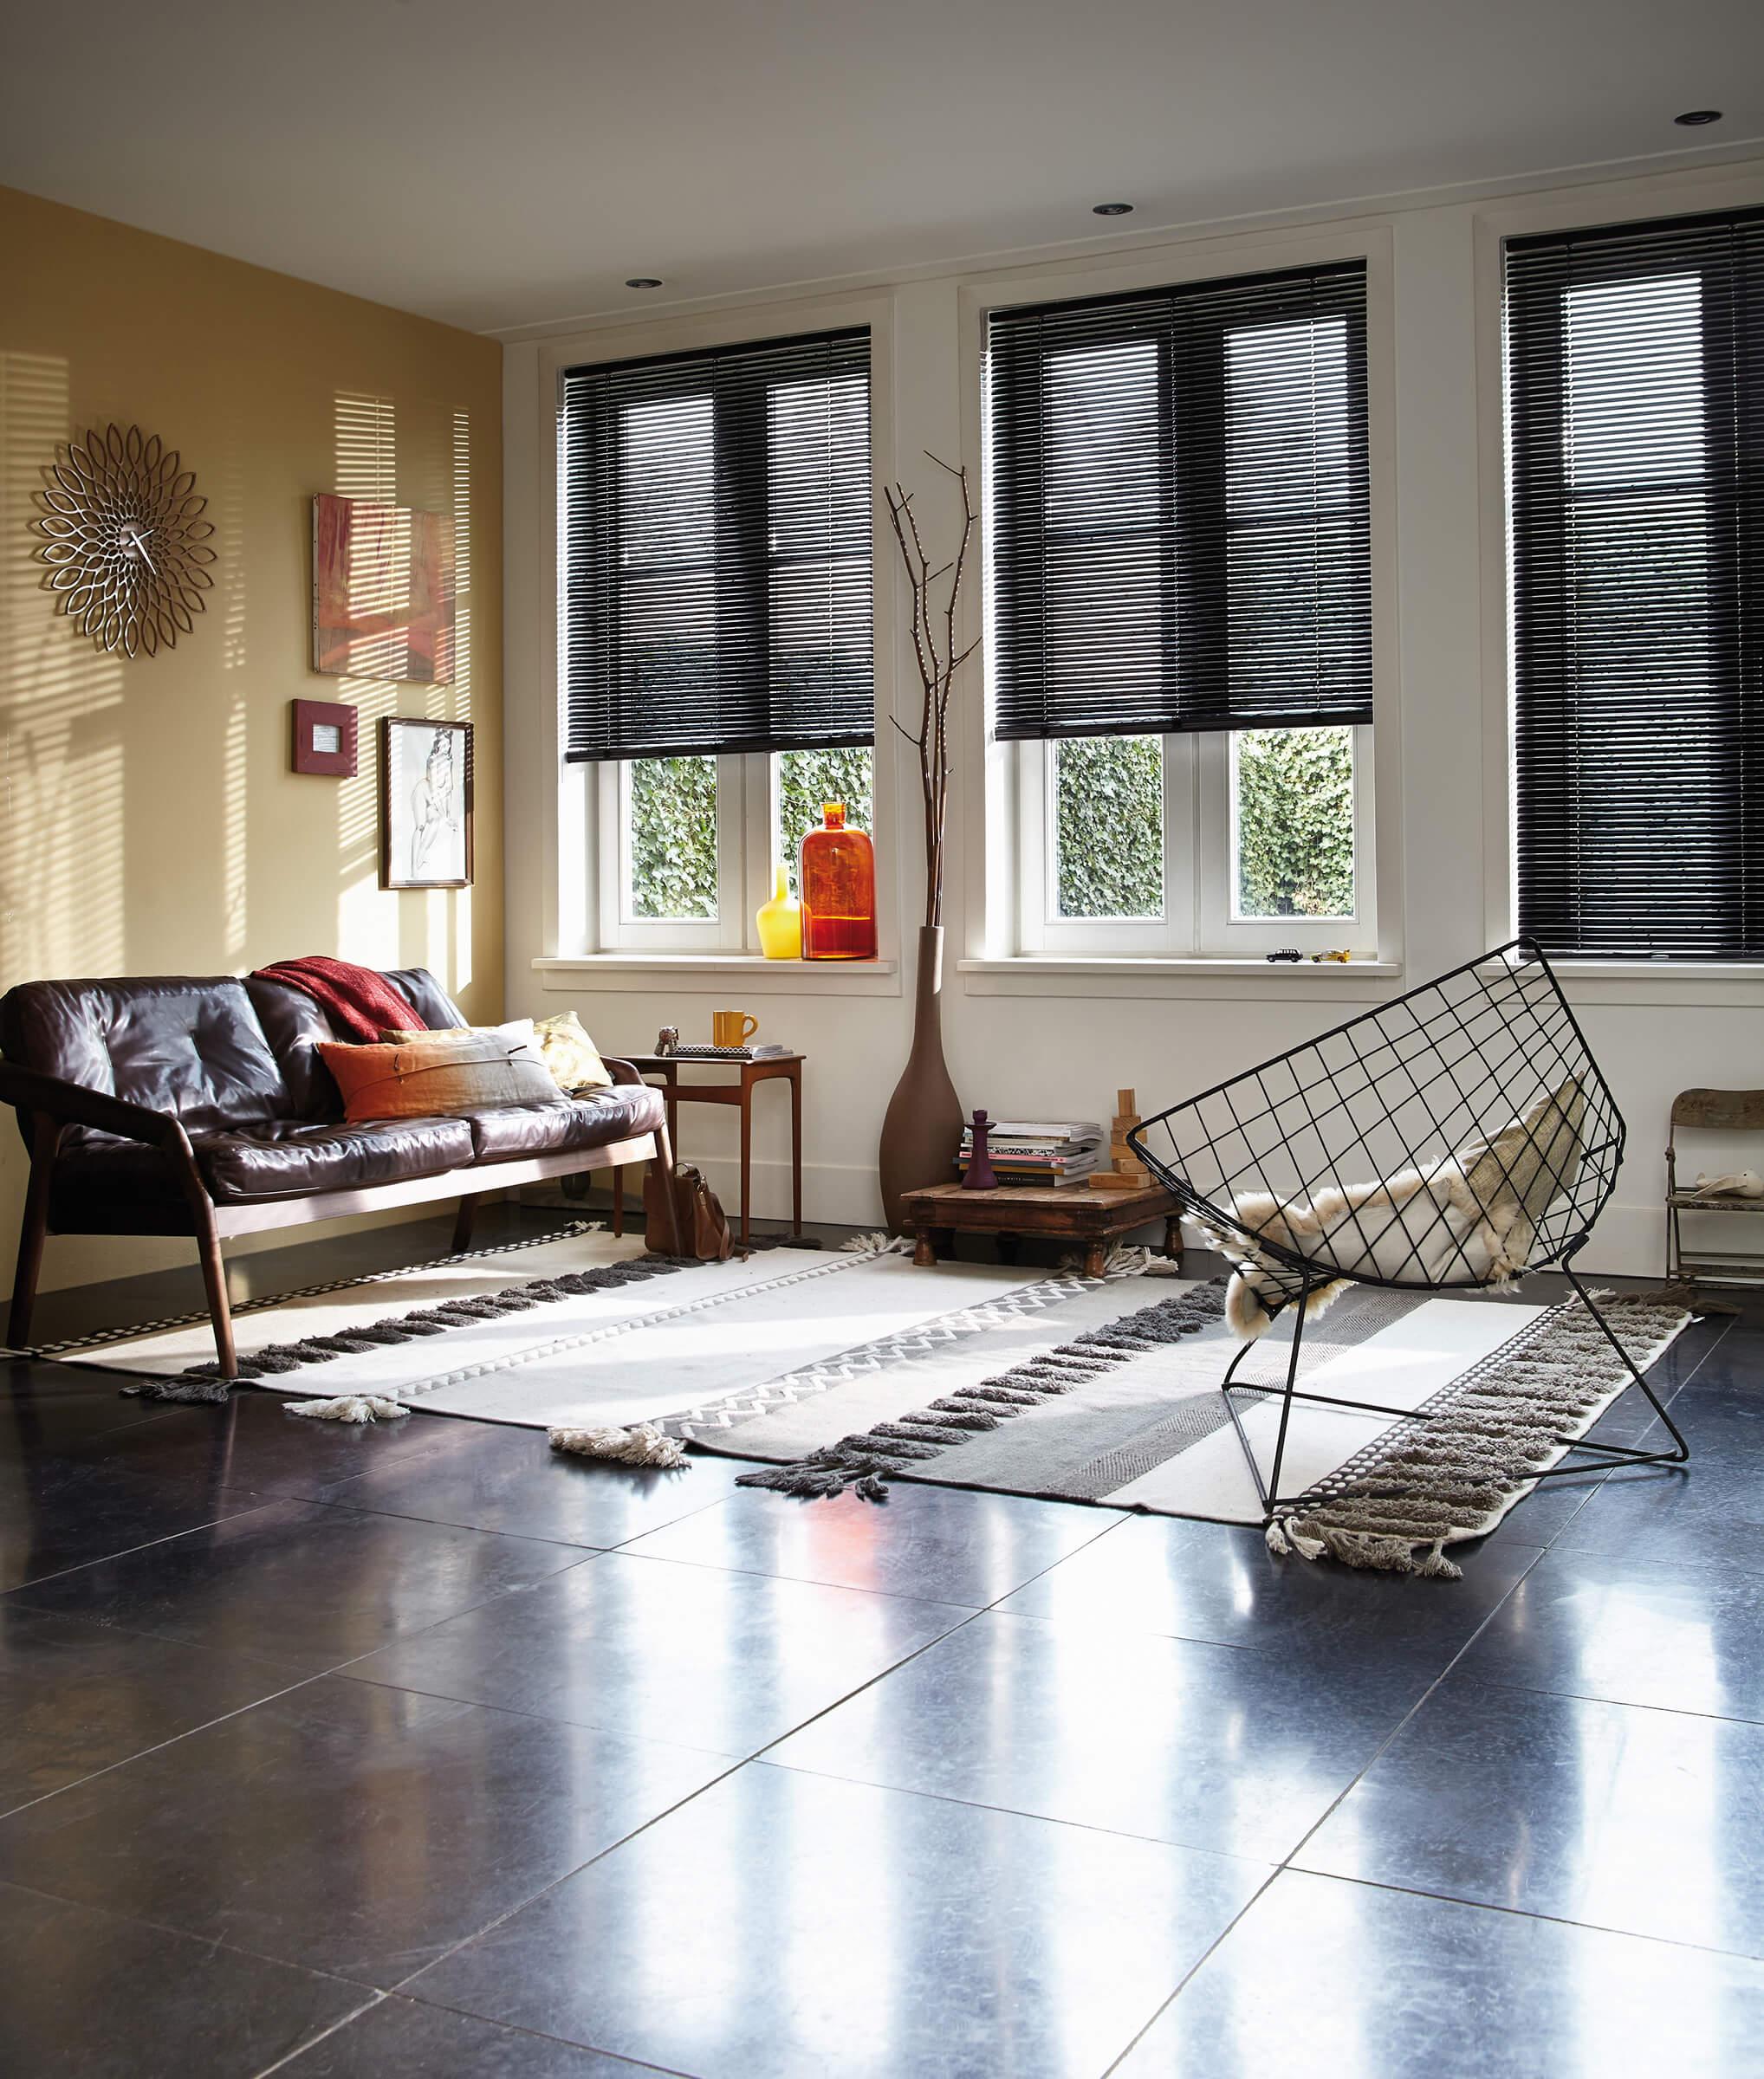 Schwarze Luxaflex Jalousien im Wohnzimmer